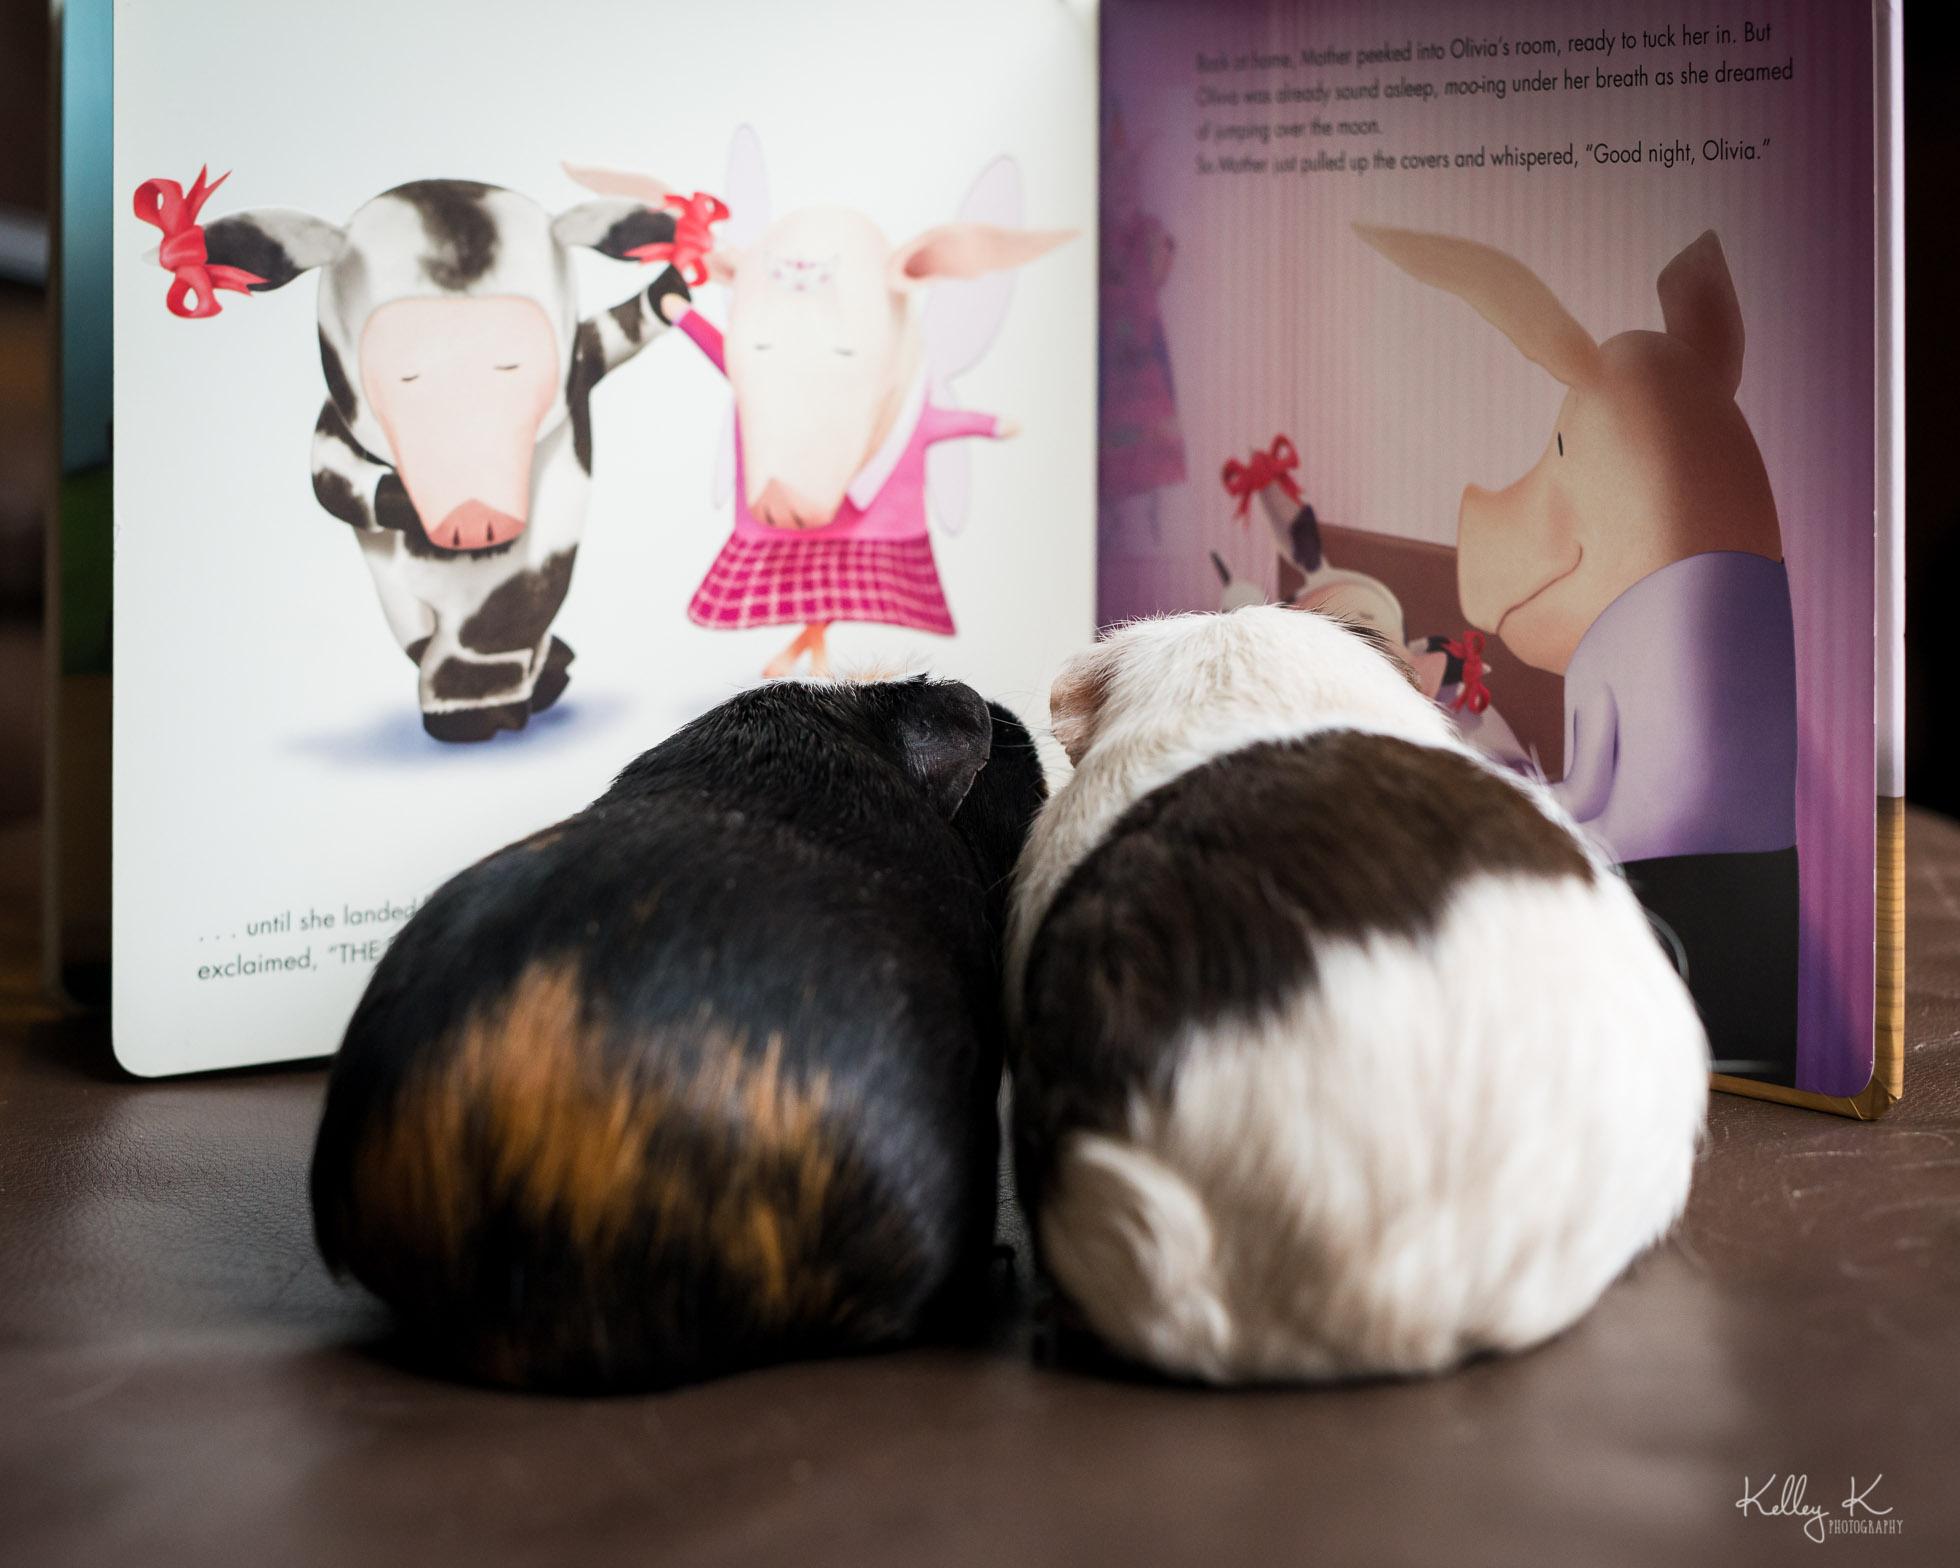 guinea-pigs-reading-book-by-KelleyKPhotography-Smyrna